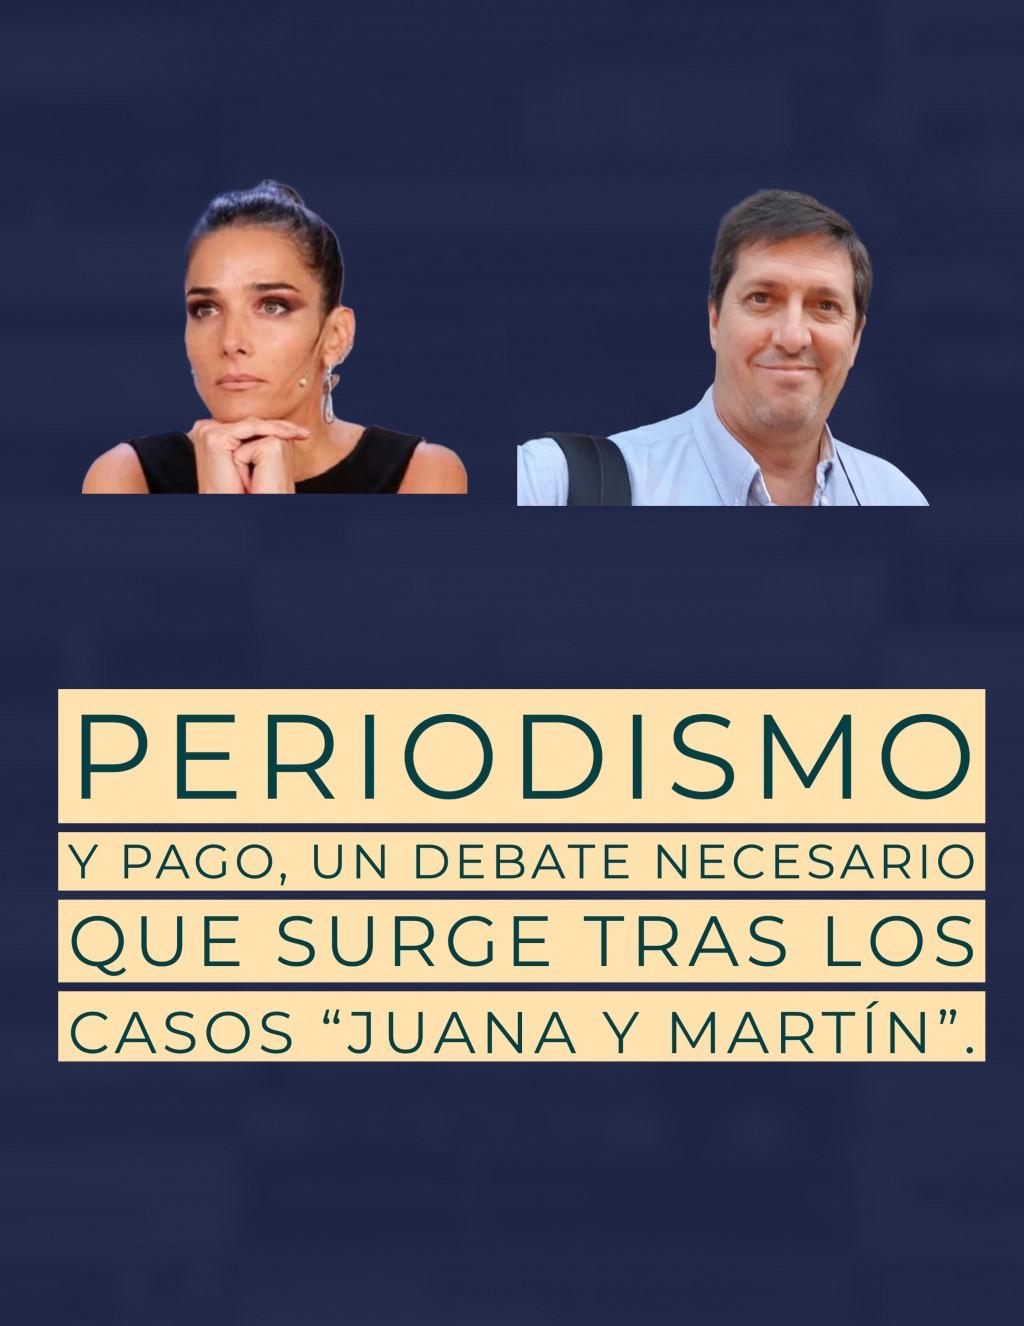 """Periodismo y pago, un debate necesario que surge tras los casos """"Juana y Martín""""."""